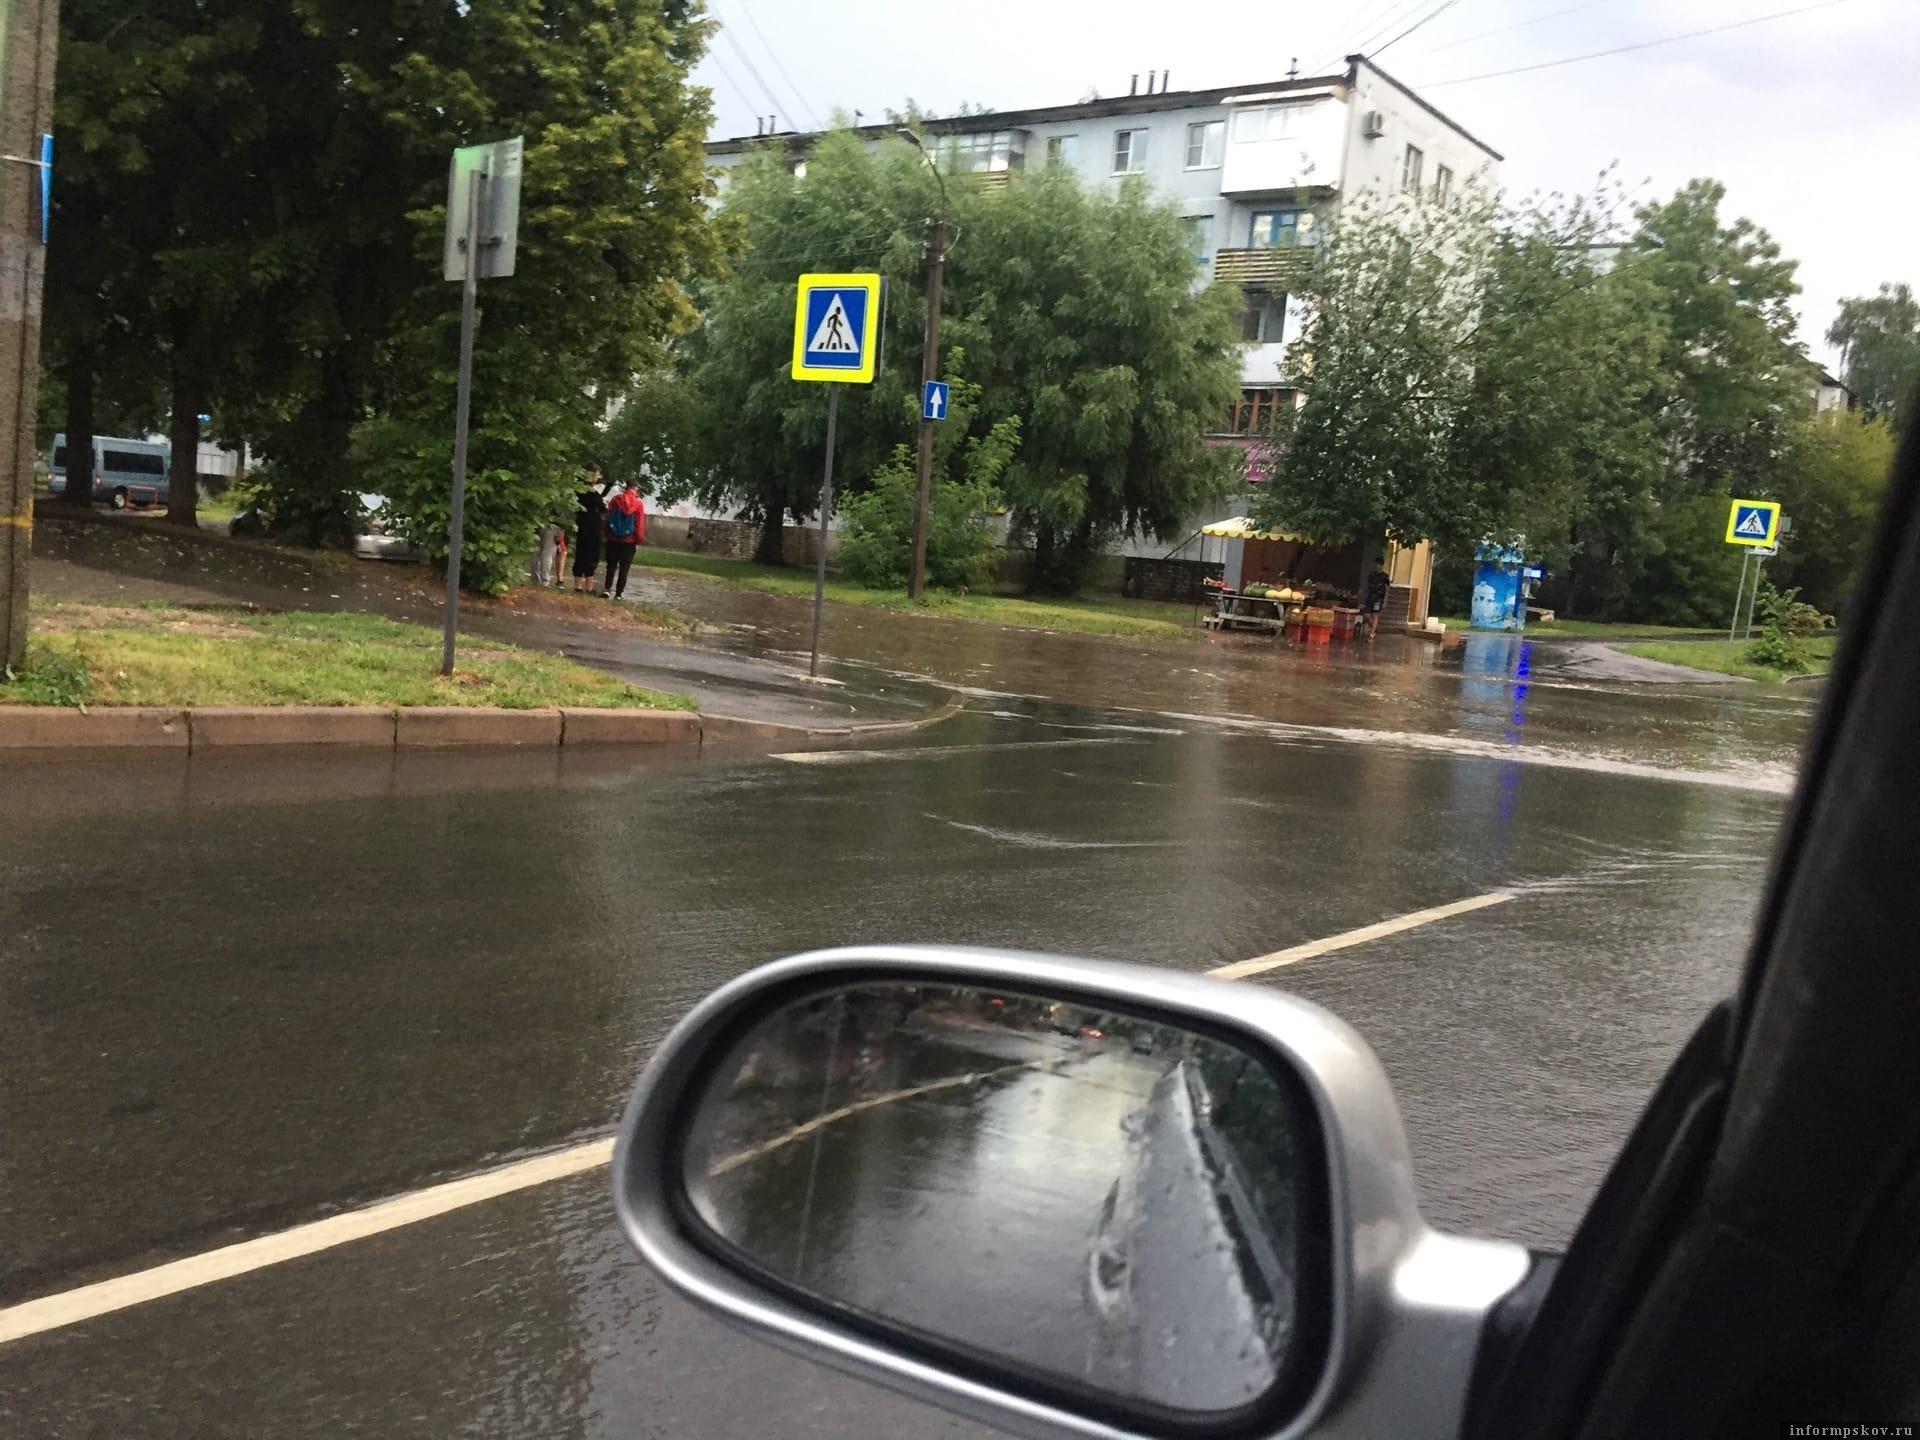 Фото Сергея Кушакова в группе «Инцидент Псков» в социальной сети «ВКонтакте»